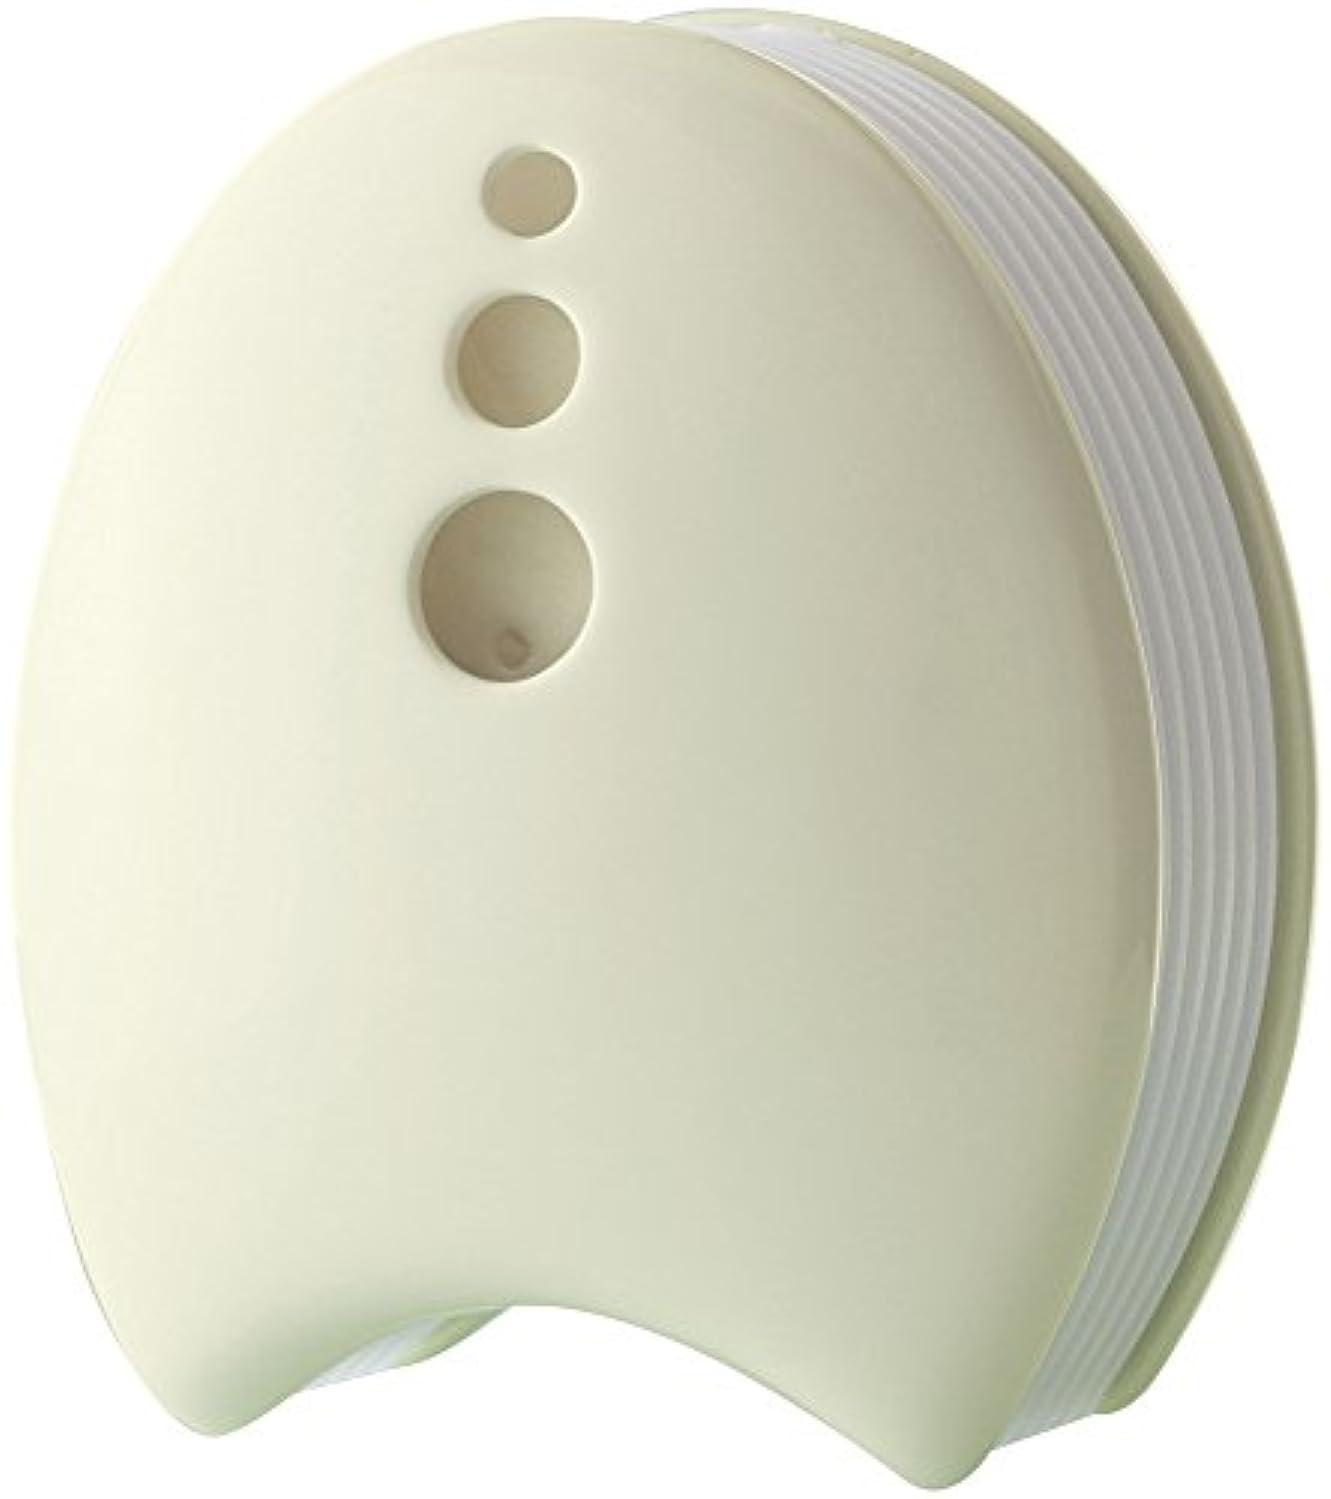 はい歌う本質的ではない陶器のアロマブリーズ 瀬戸焼 ライトグリーン